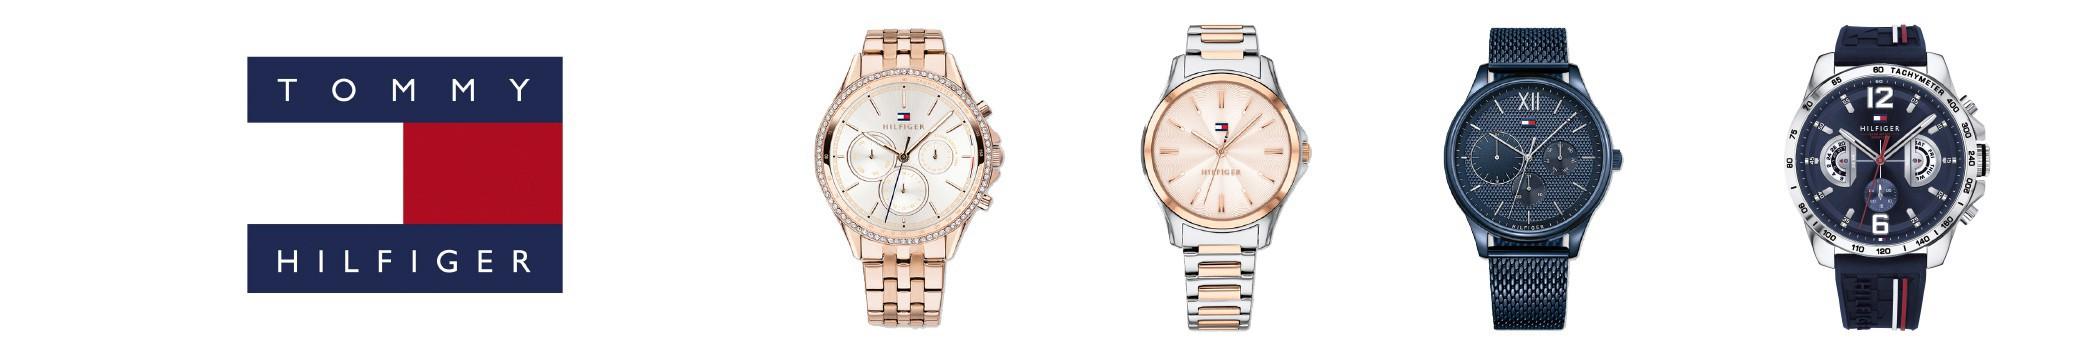 Rellotges Tommy Hilfiger